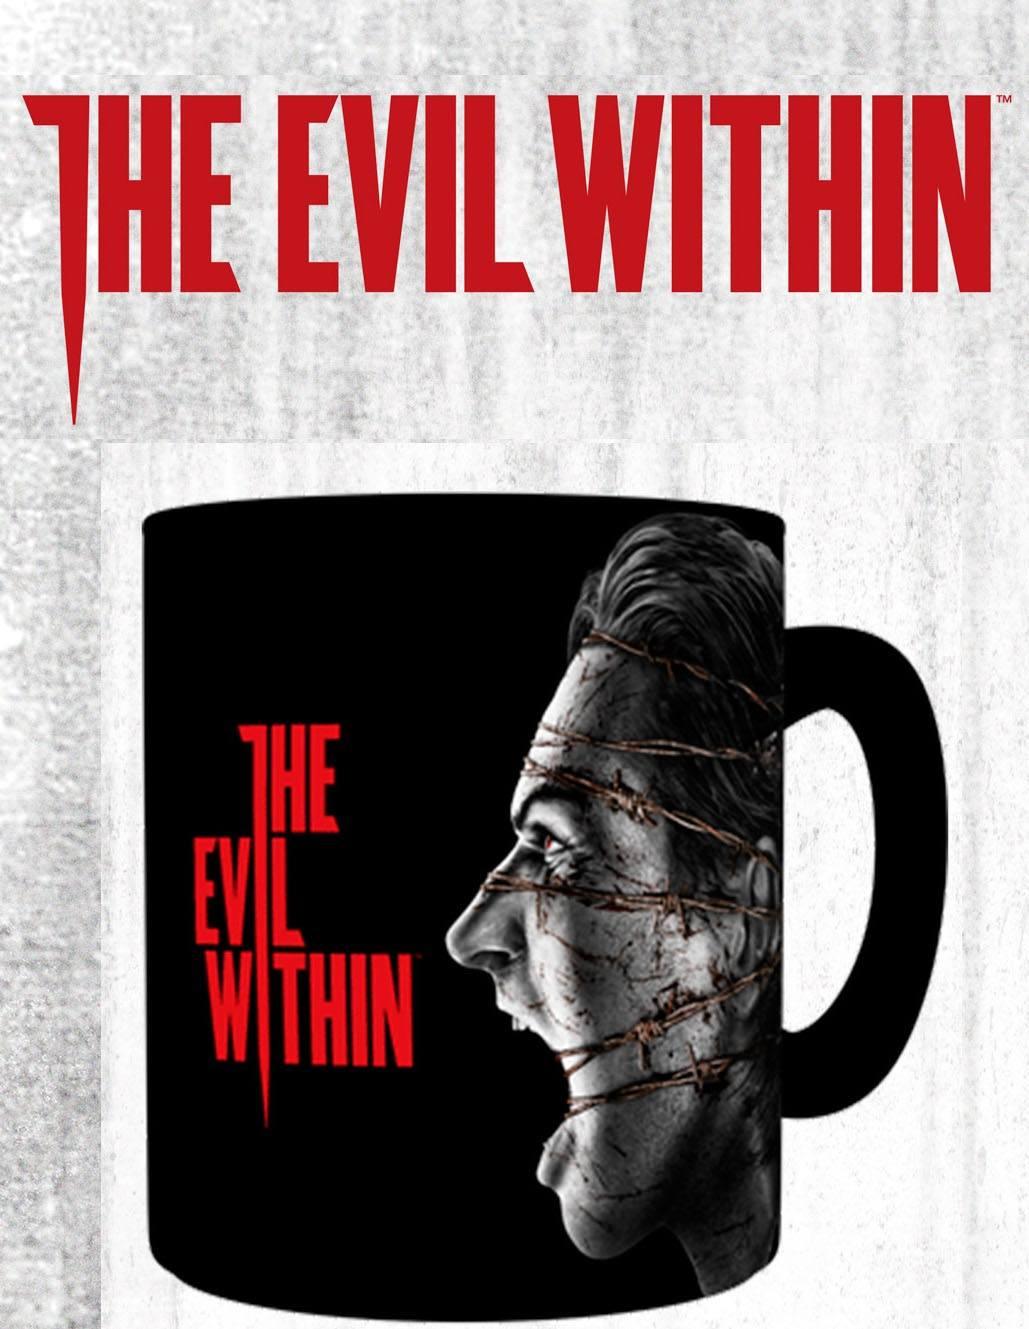 The Evil Within Mug Logo